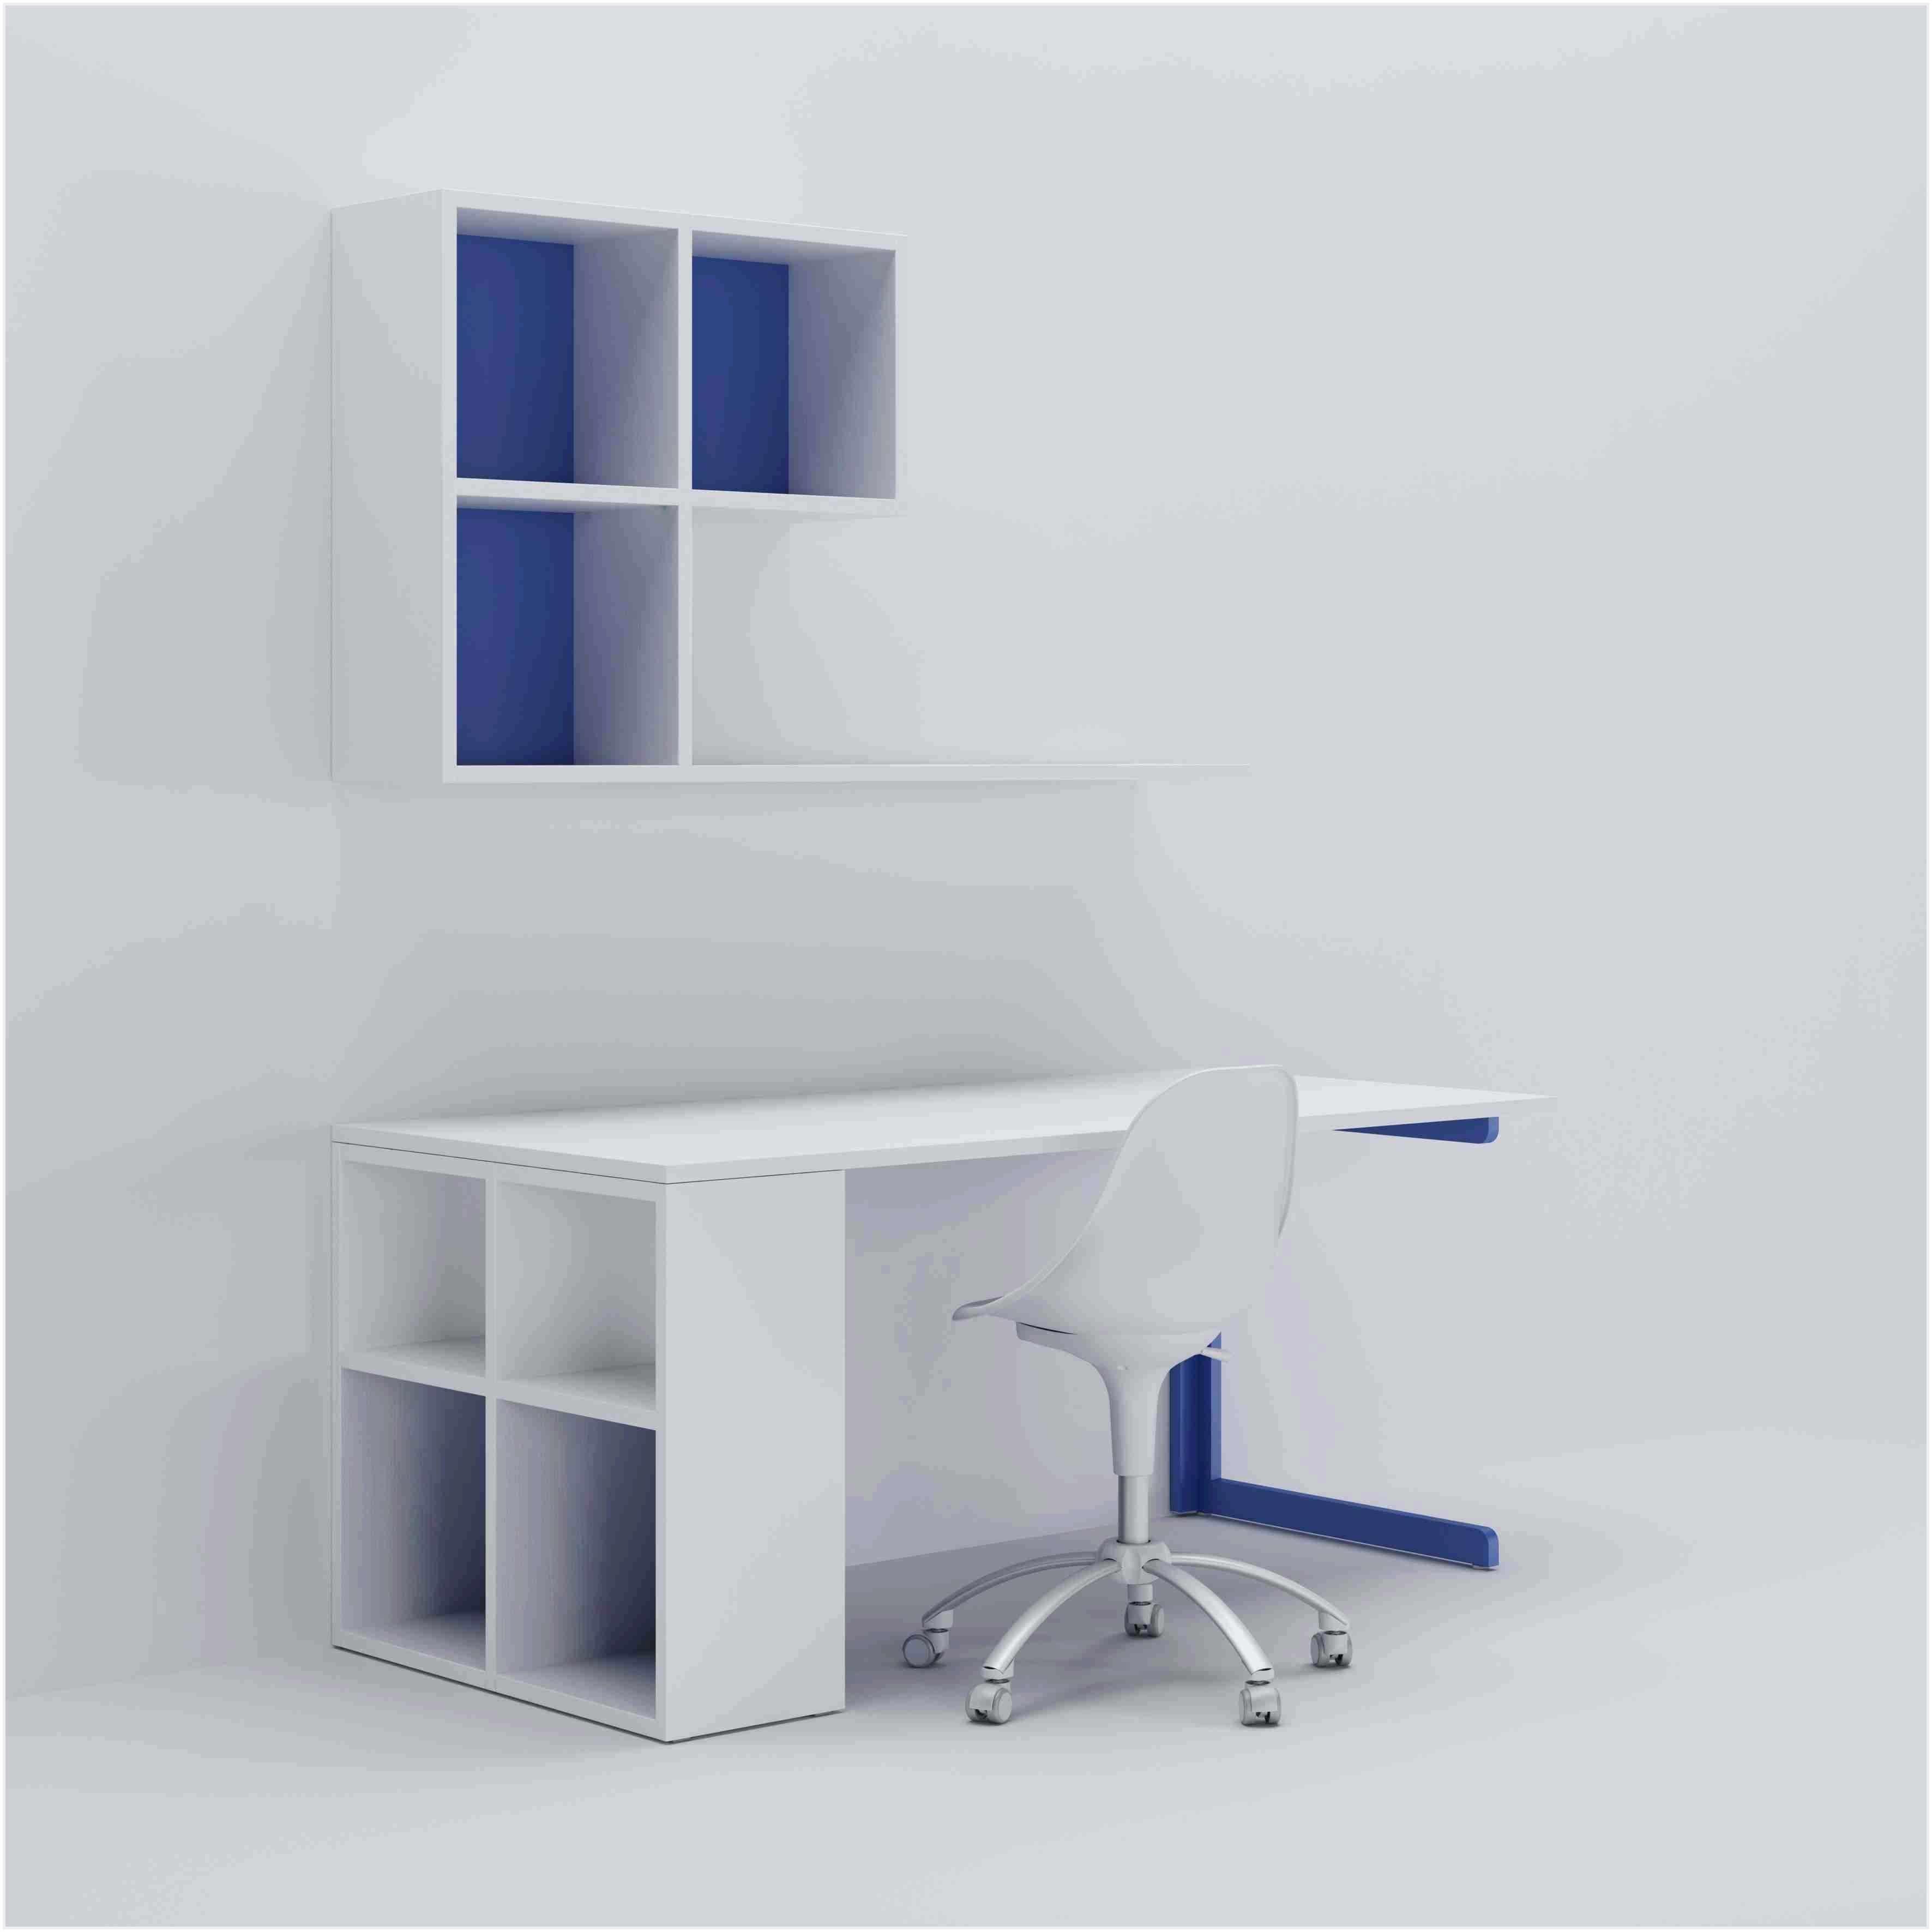 Lit Pliable Ikea Le Luxe Frais Bureau Pliable Mural Ikea Inspirant Graphie 39 Luxe S De